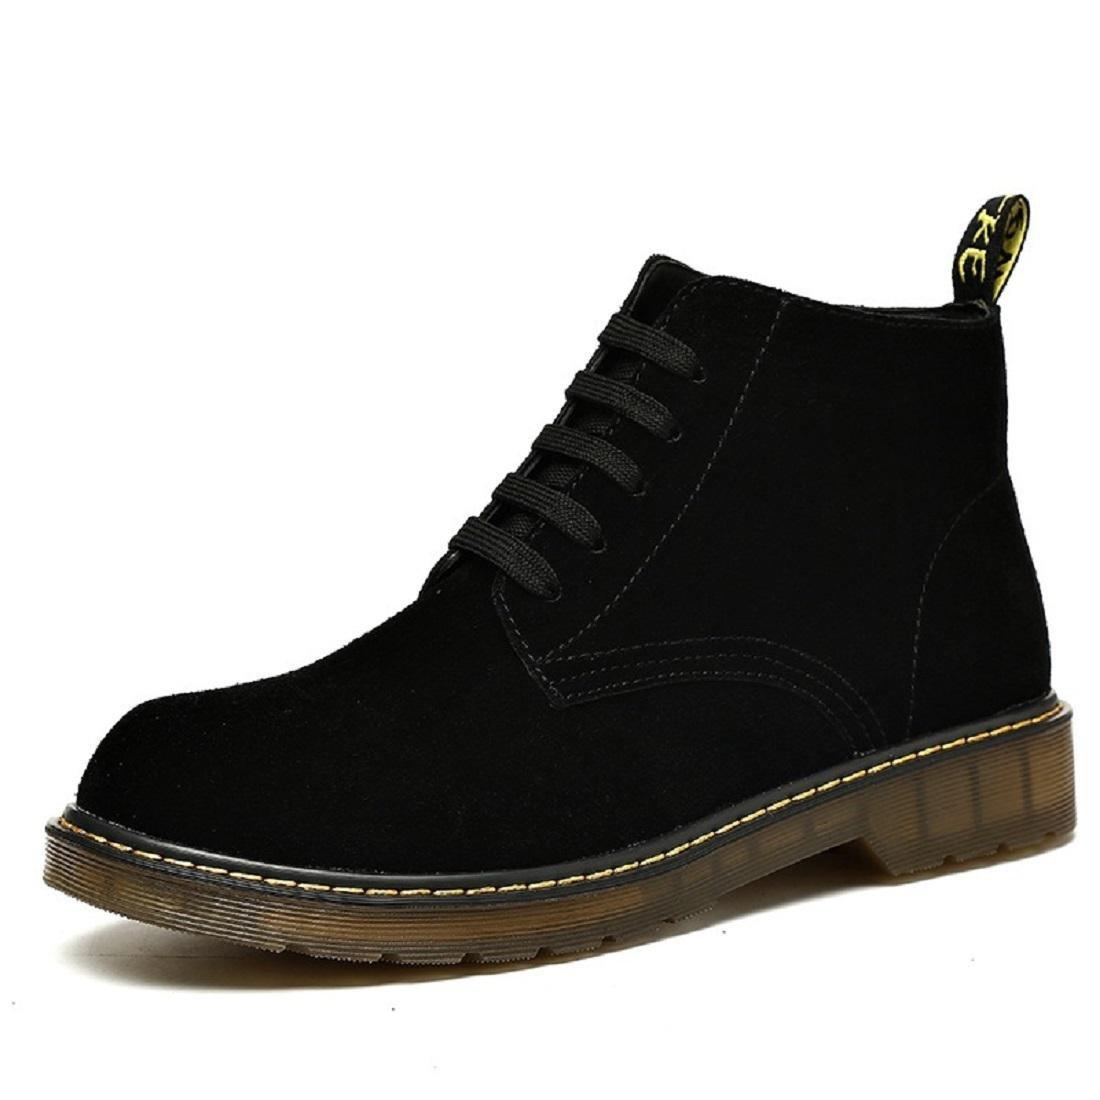 Herren Herbst Mode Martin Stiefel High-Top-Schuhe Lässige Schuhe Freizeit Flache Schuhe Füße schützen EUR GRÖSSE 38-46